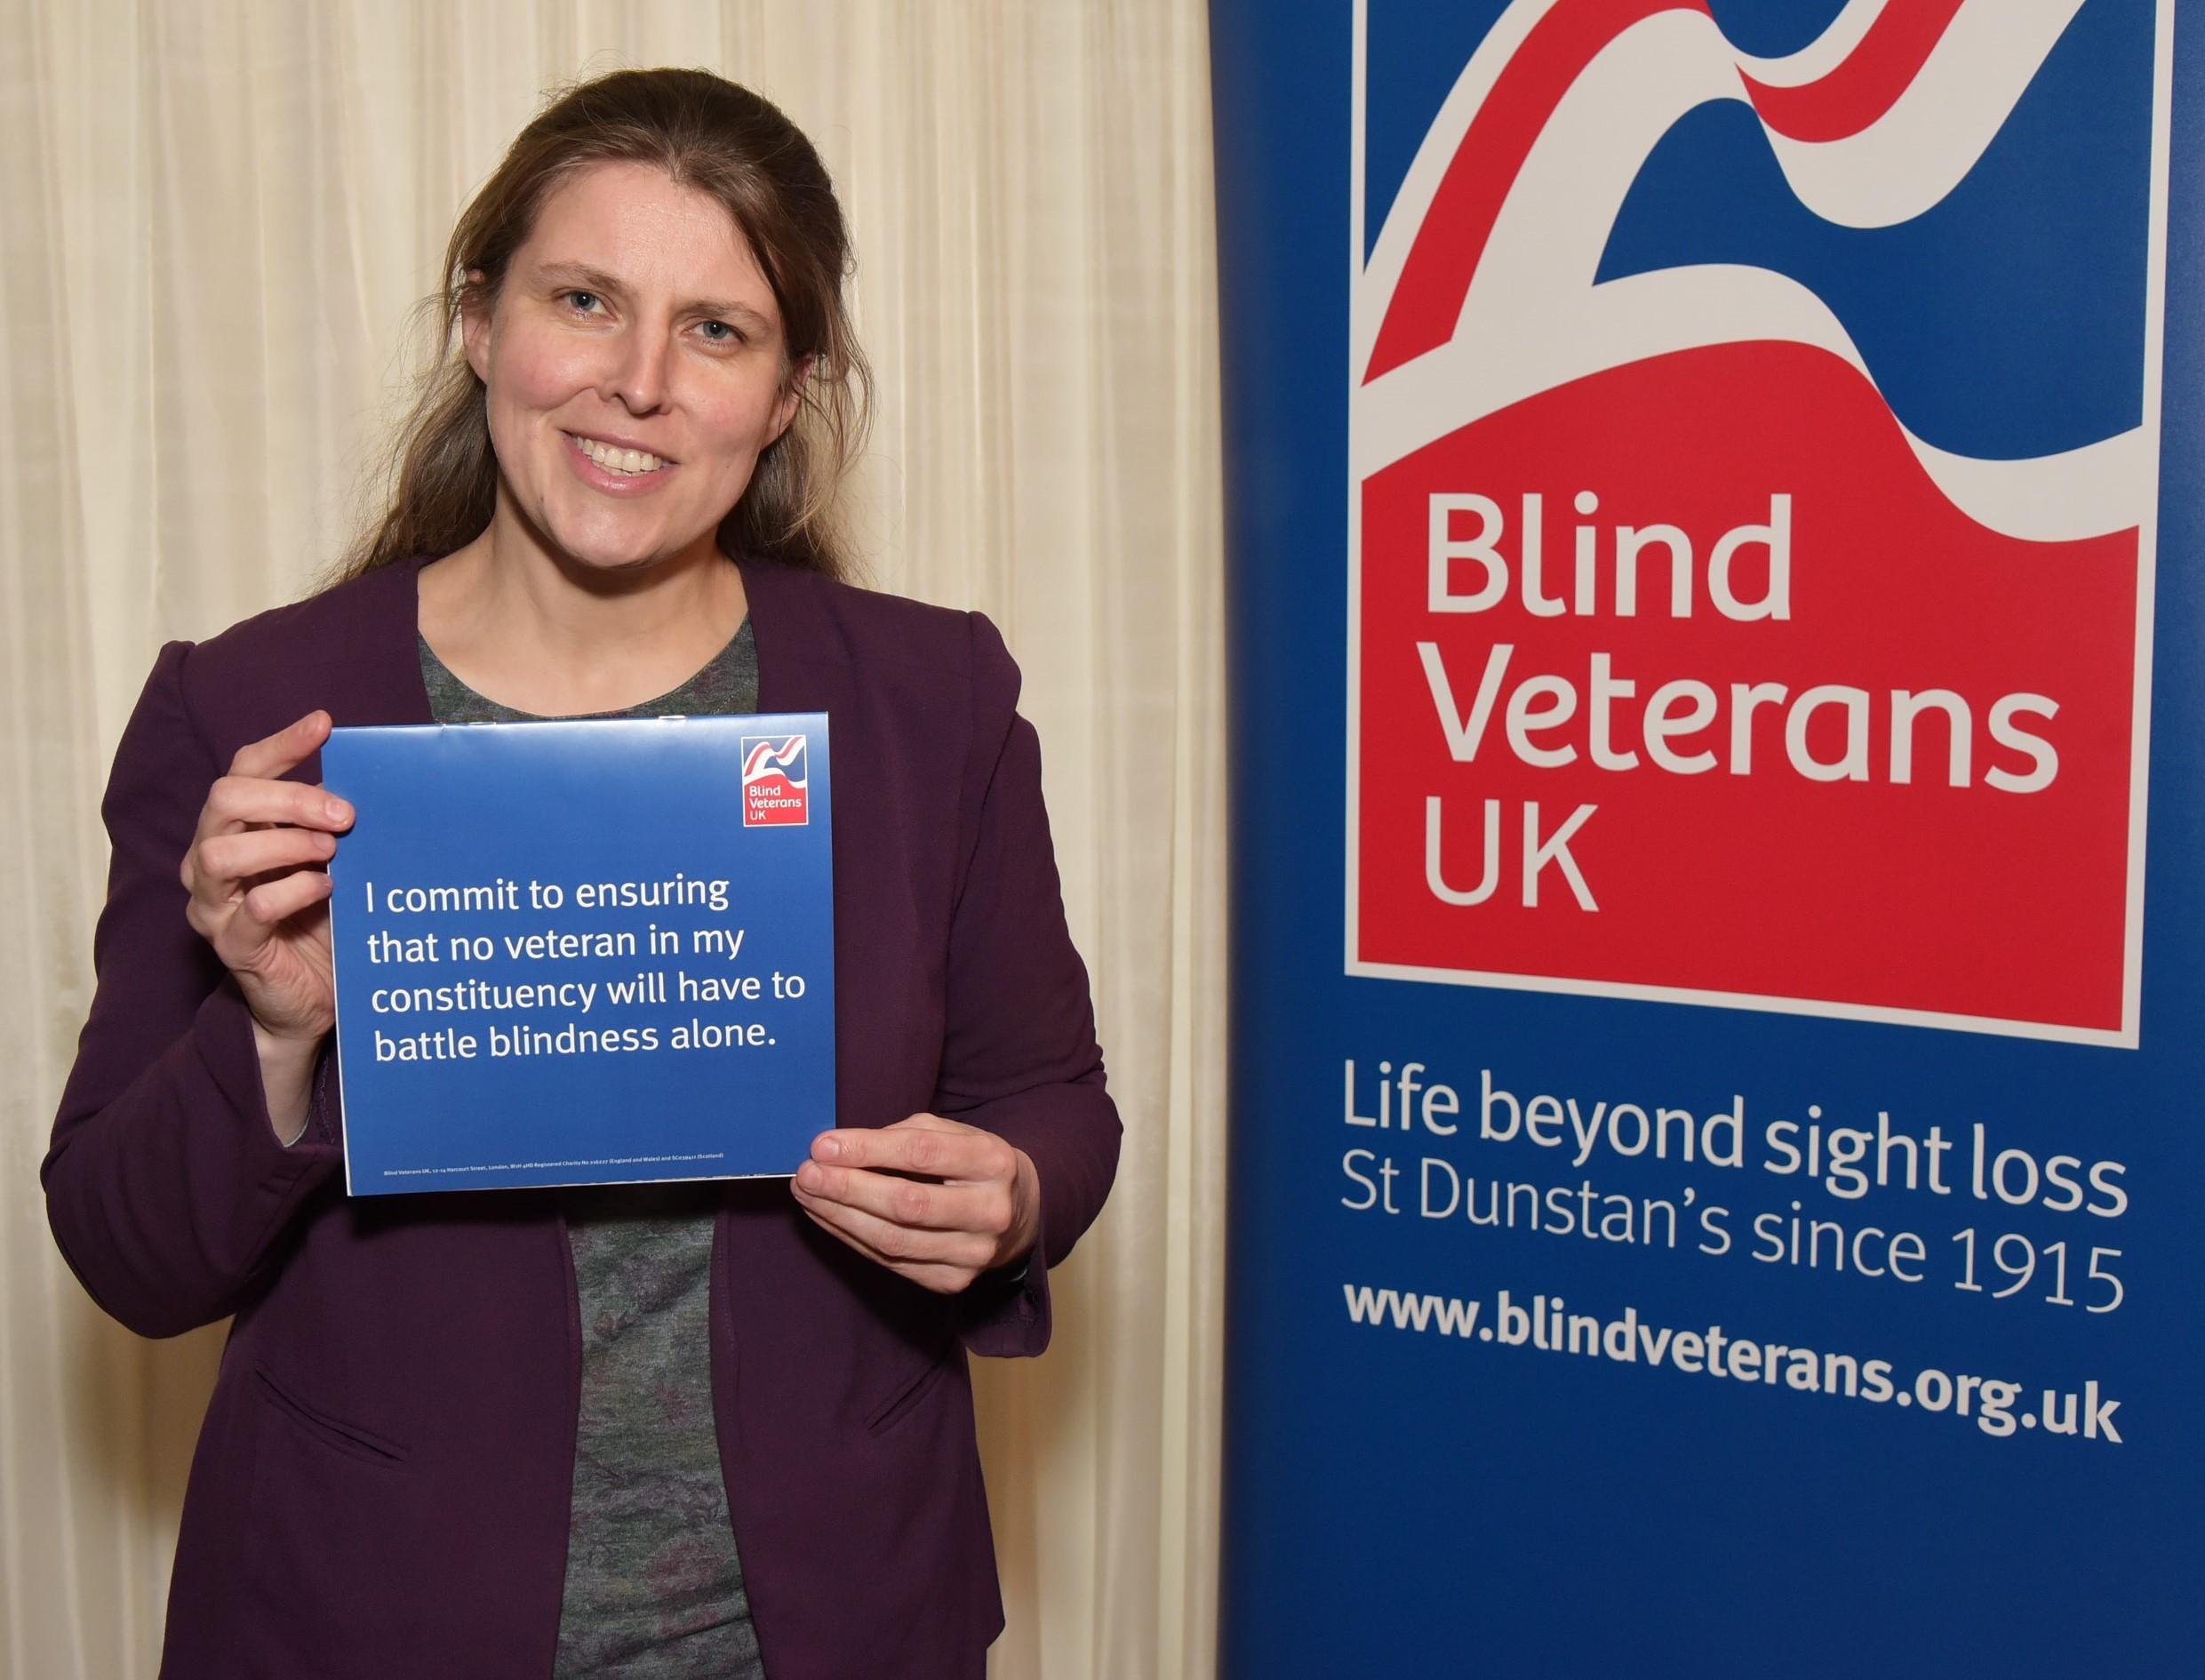 blind_vets_(2).jpg